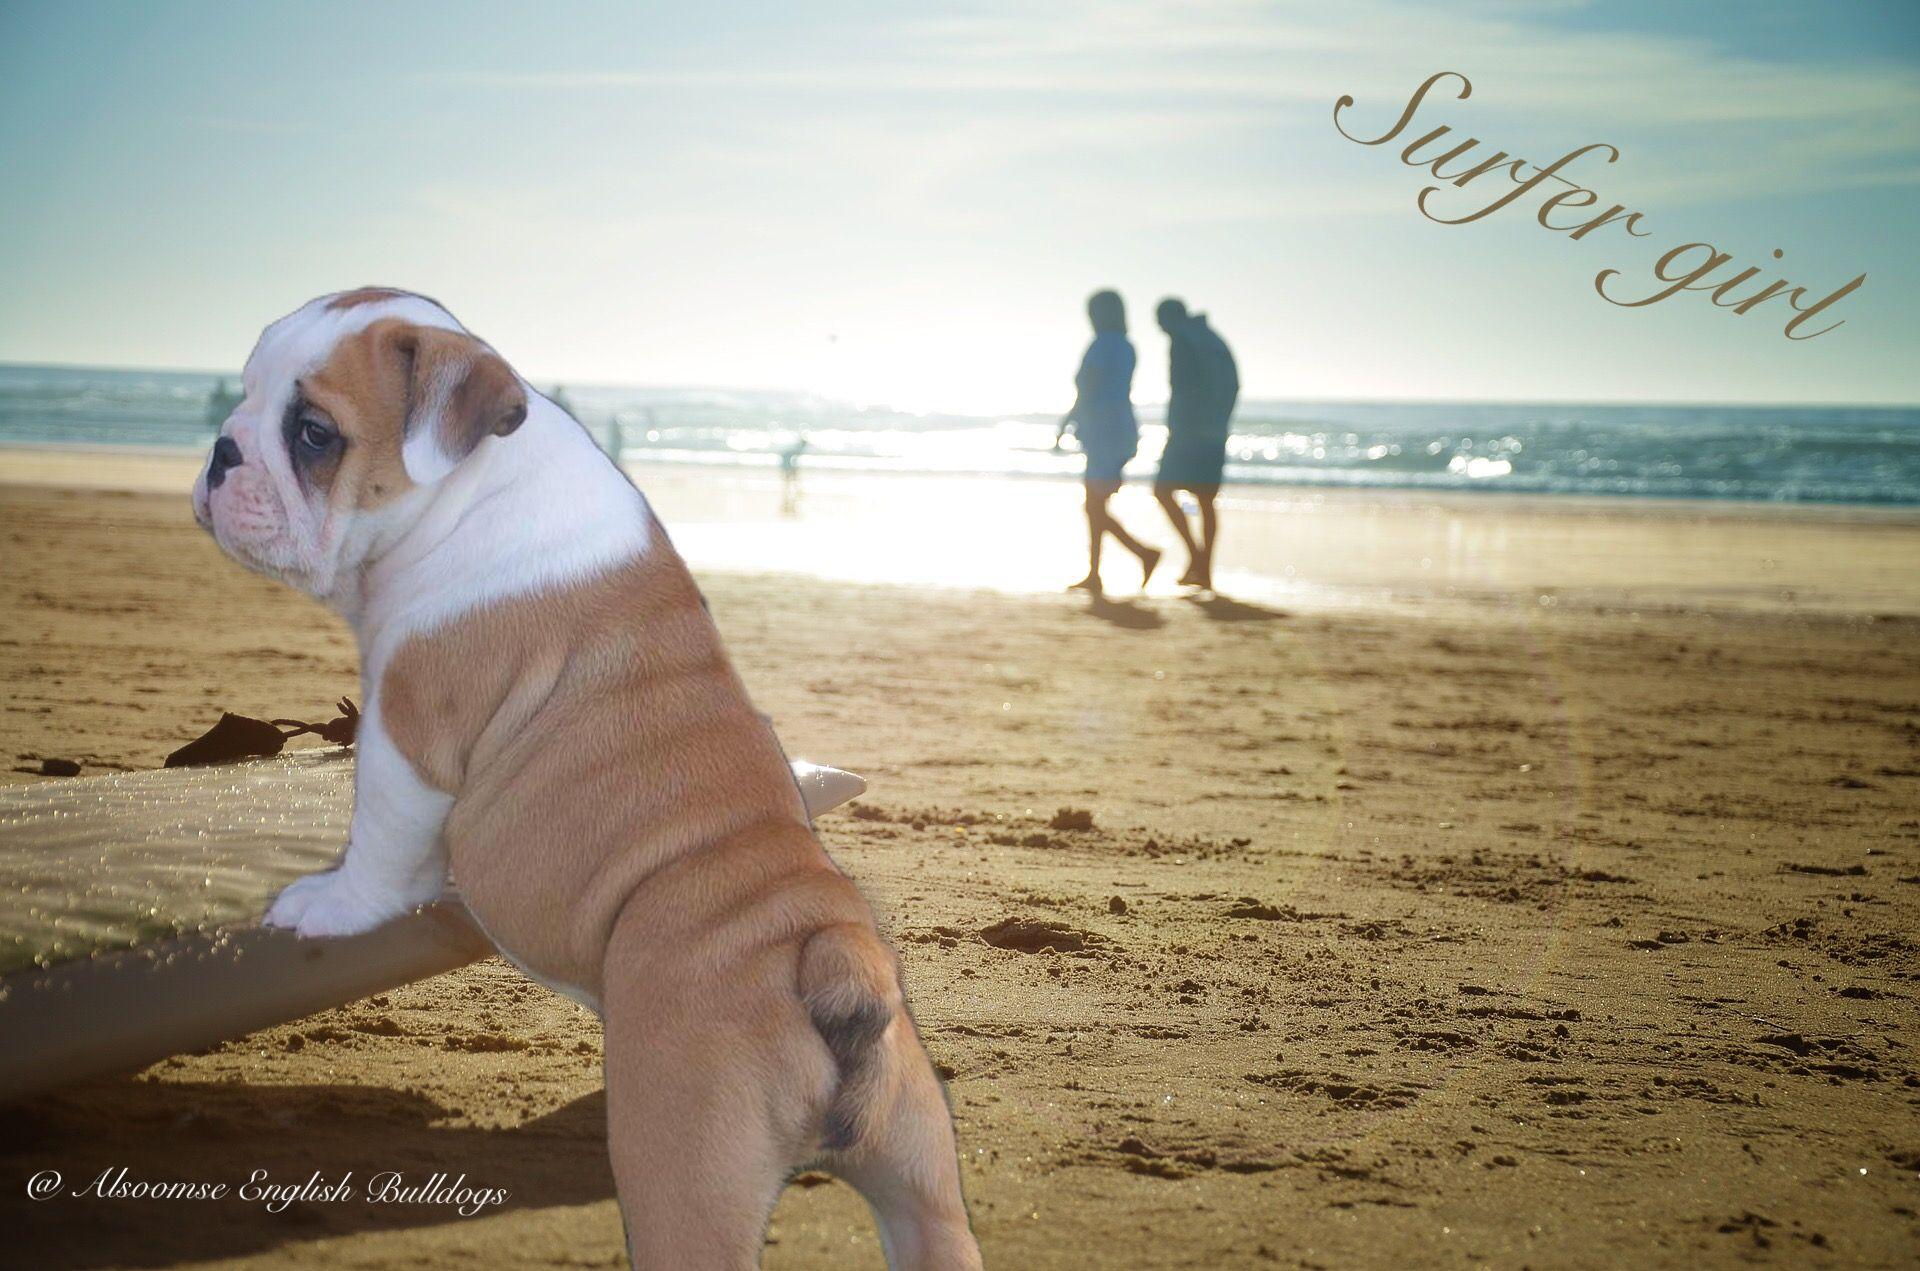 Alsoomse english bulldogs bulldog english bulldog